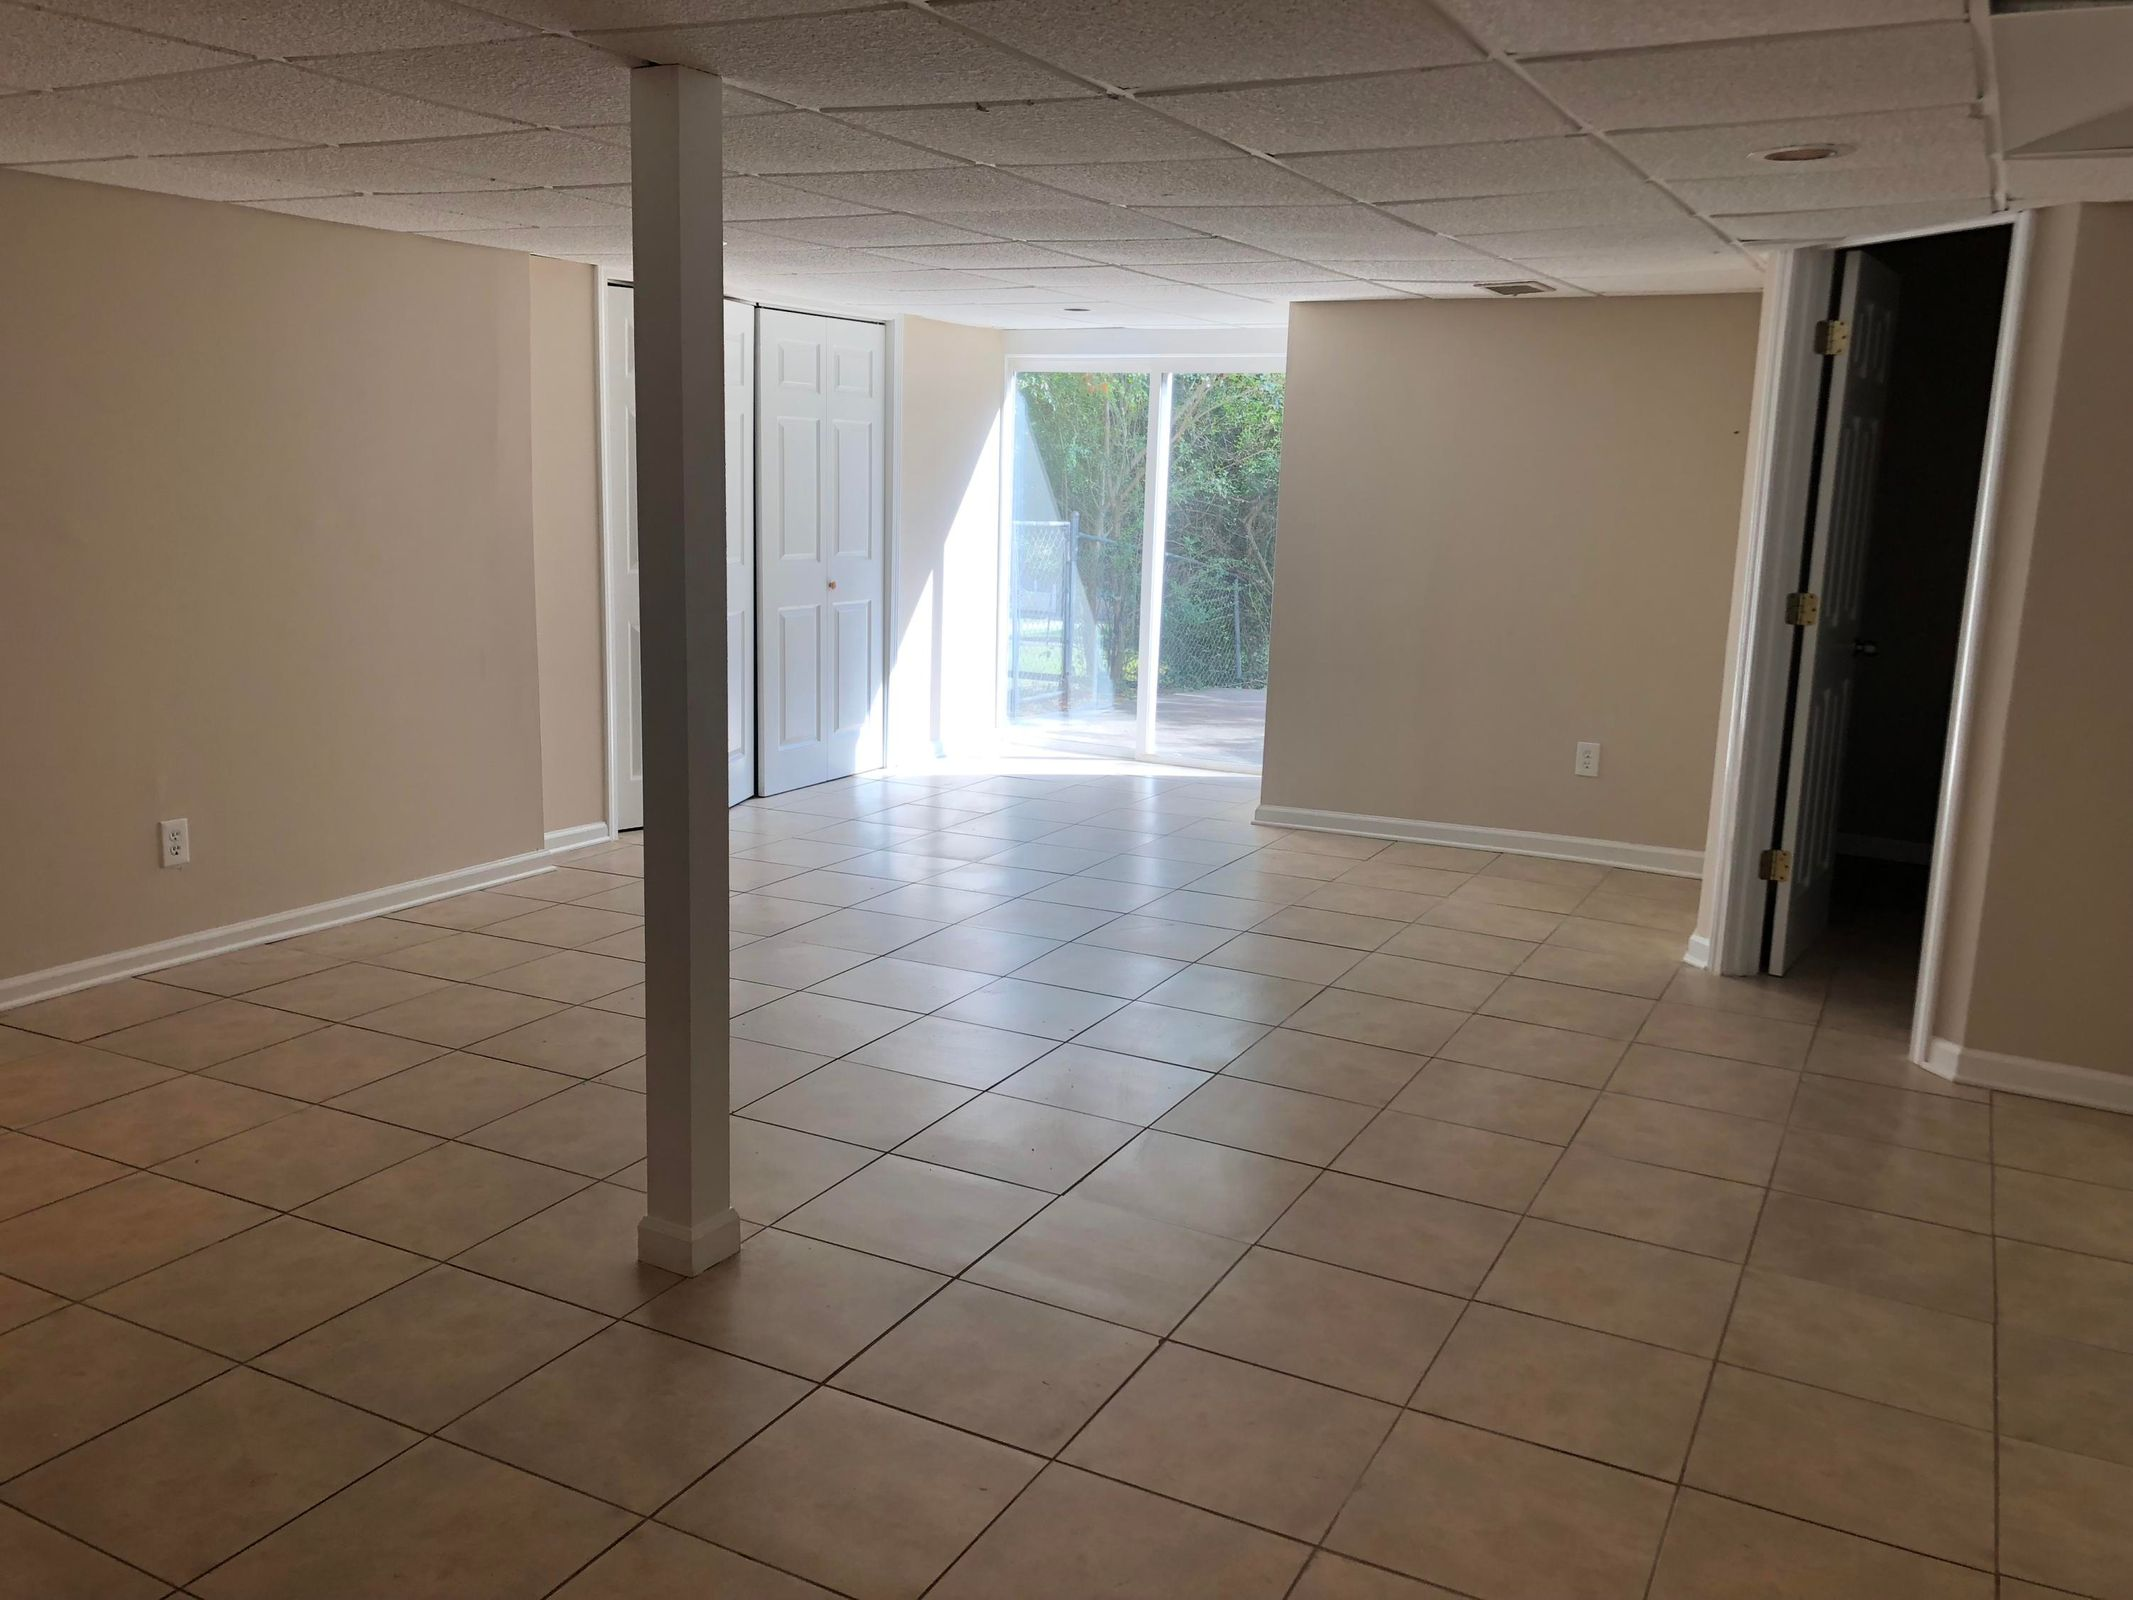 Basement Rec Room or 4th Bedroom